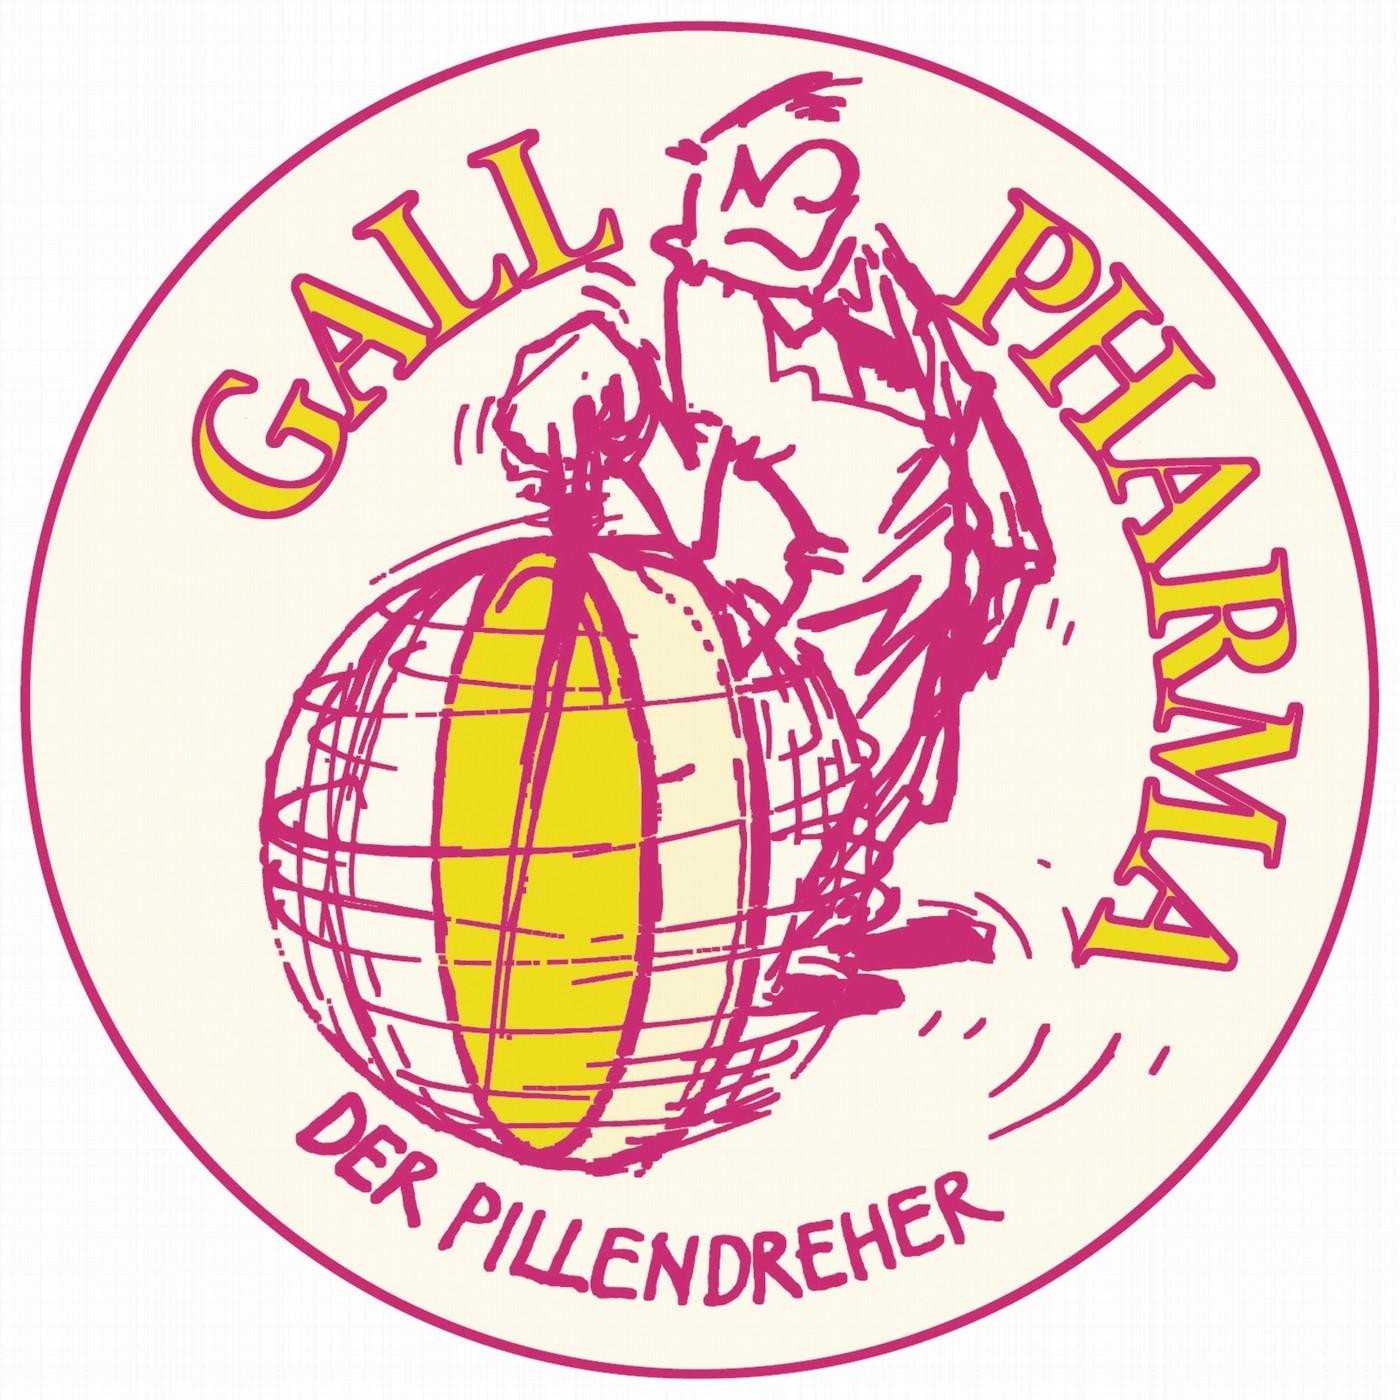 Gall-Reidlinger OHG